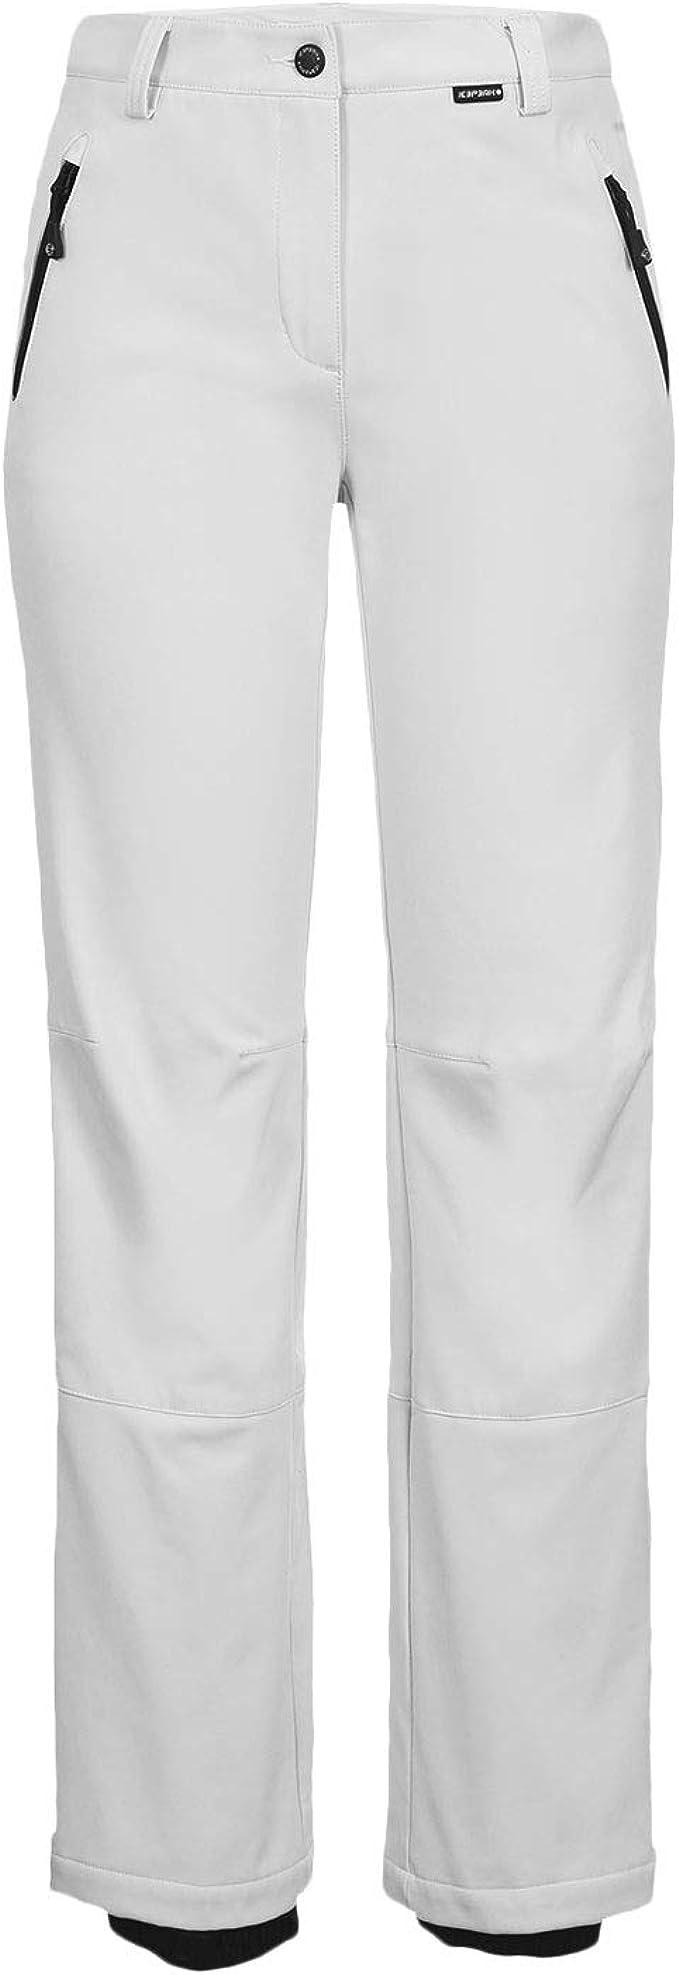 Womens WHITE STRETCH SKI PANTS by ICE PEAK Riksu trouser pant REG LEG